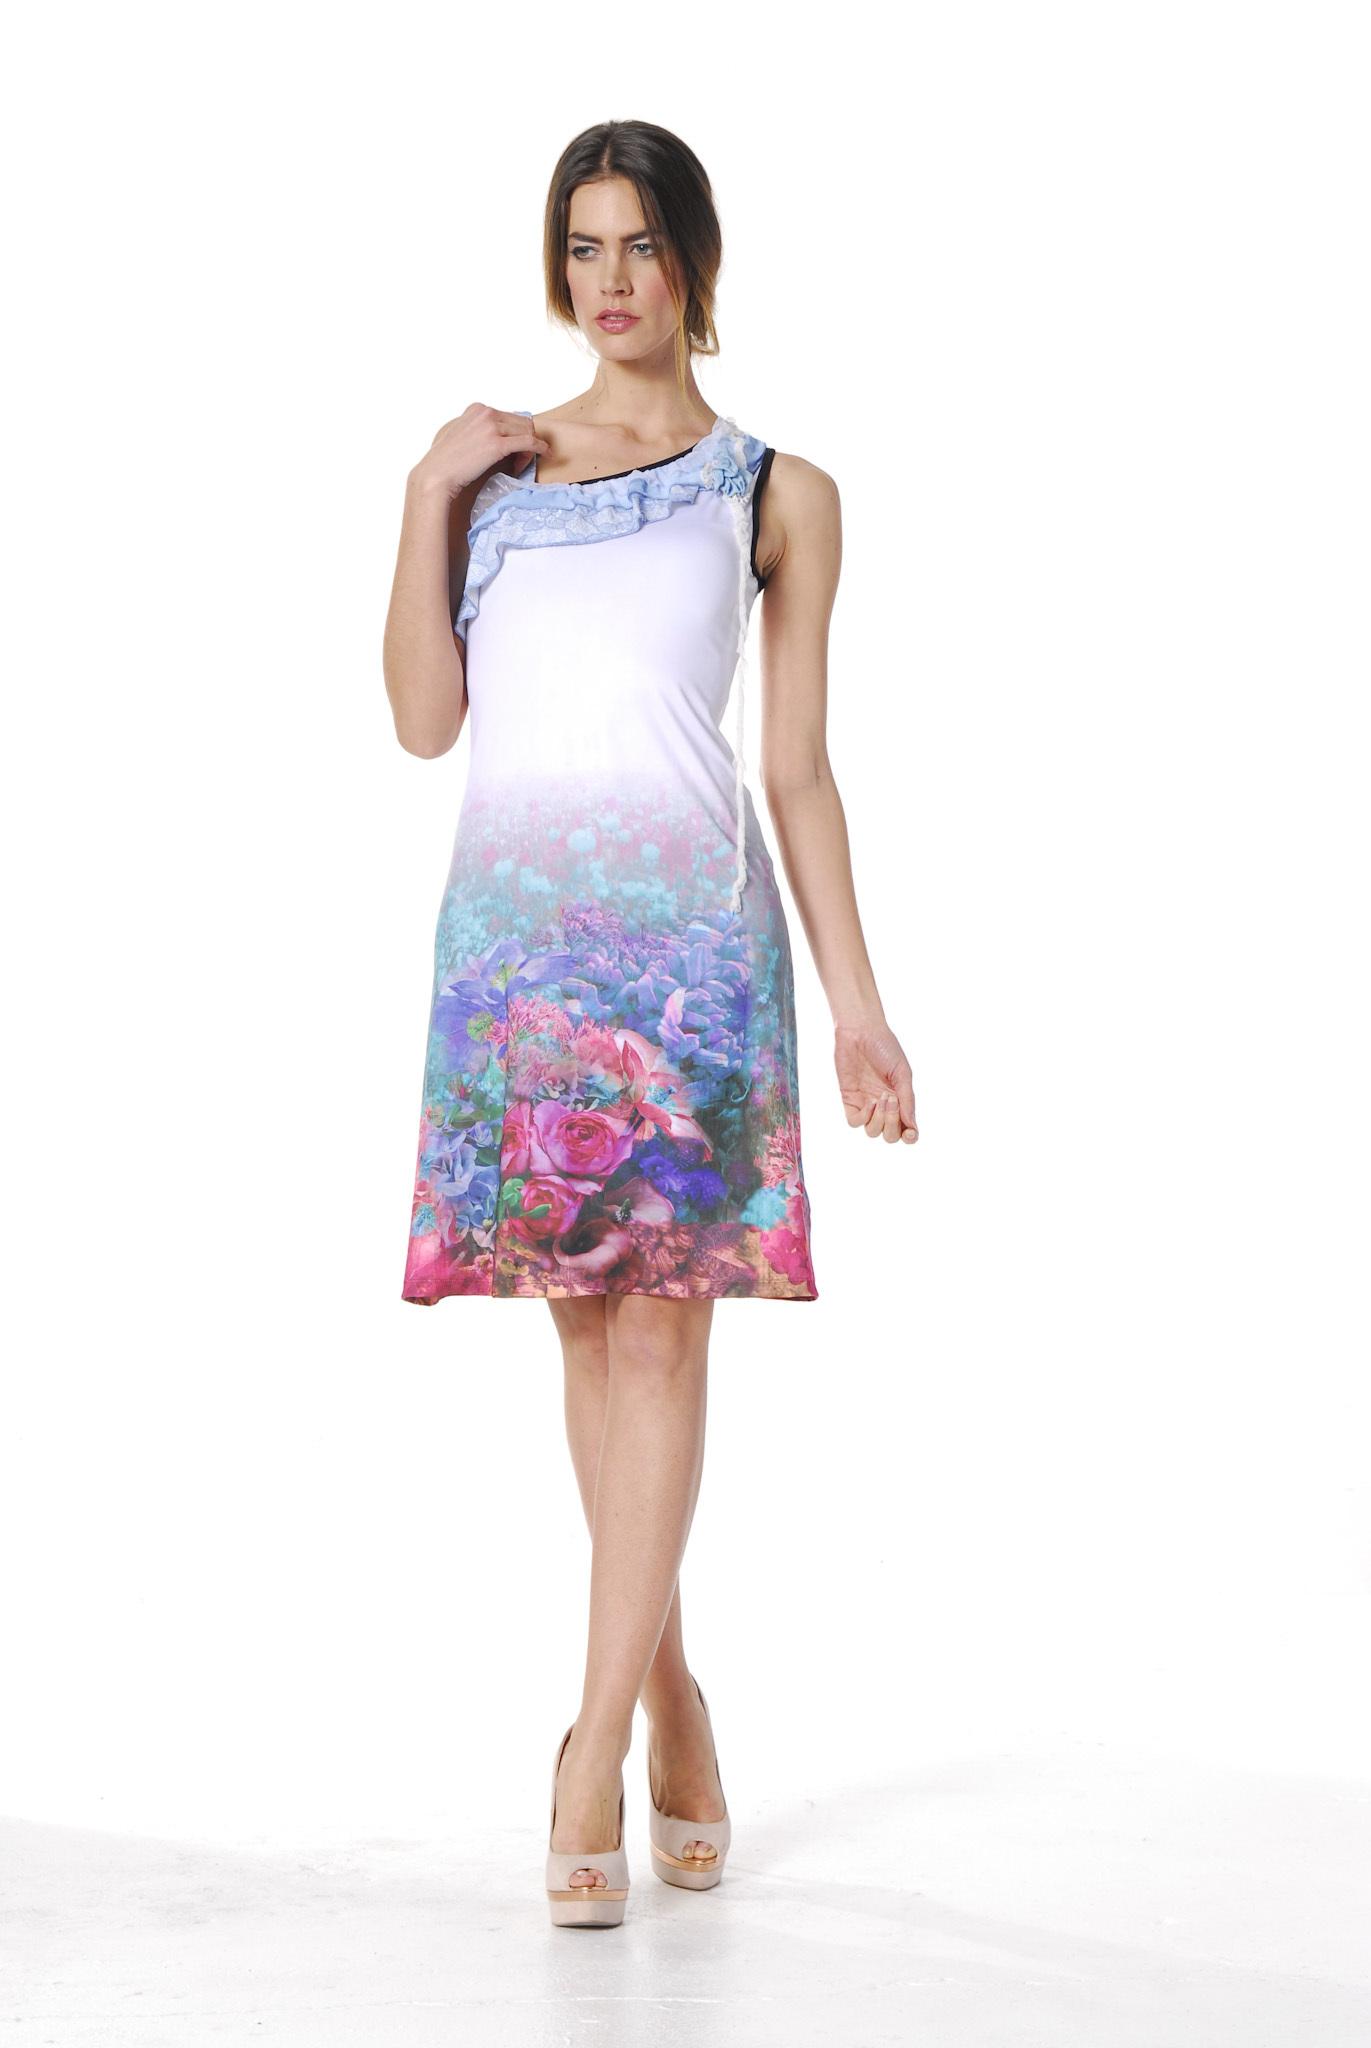 Les Fees Du Vent Couture: Fuschia Fairytale Sundress LFDV_888107_N3